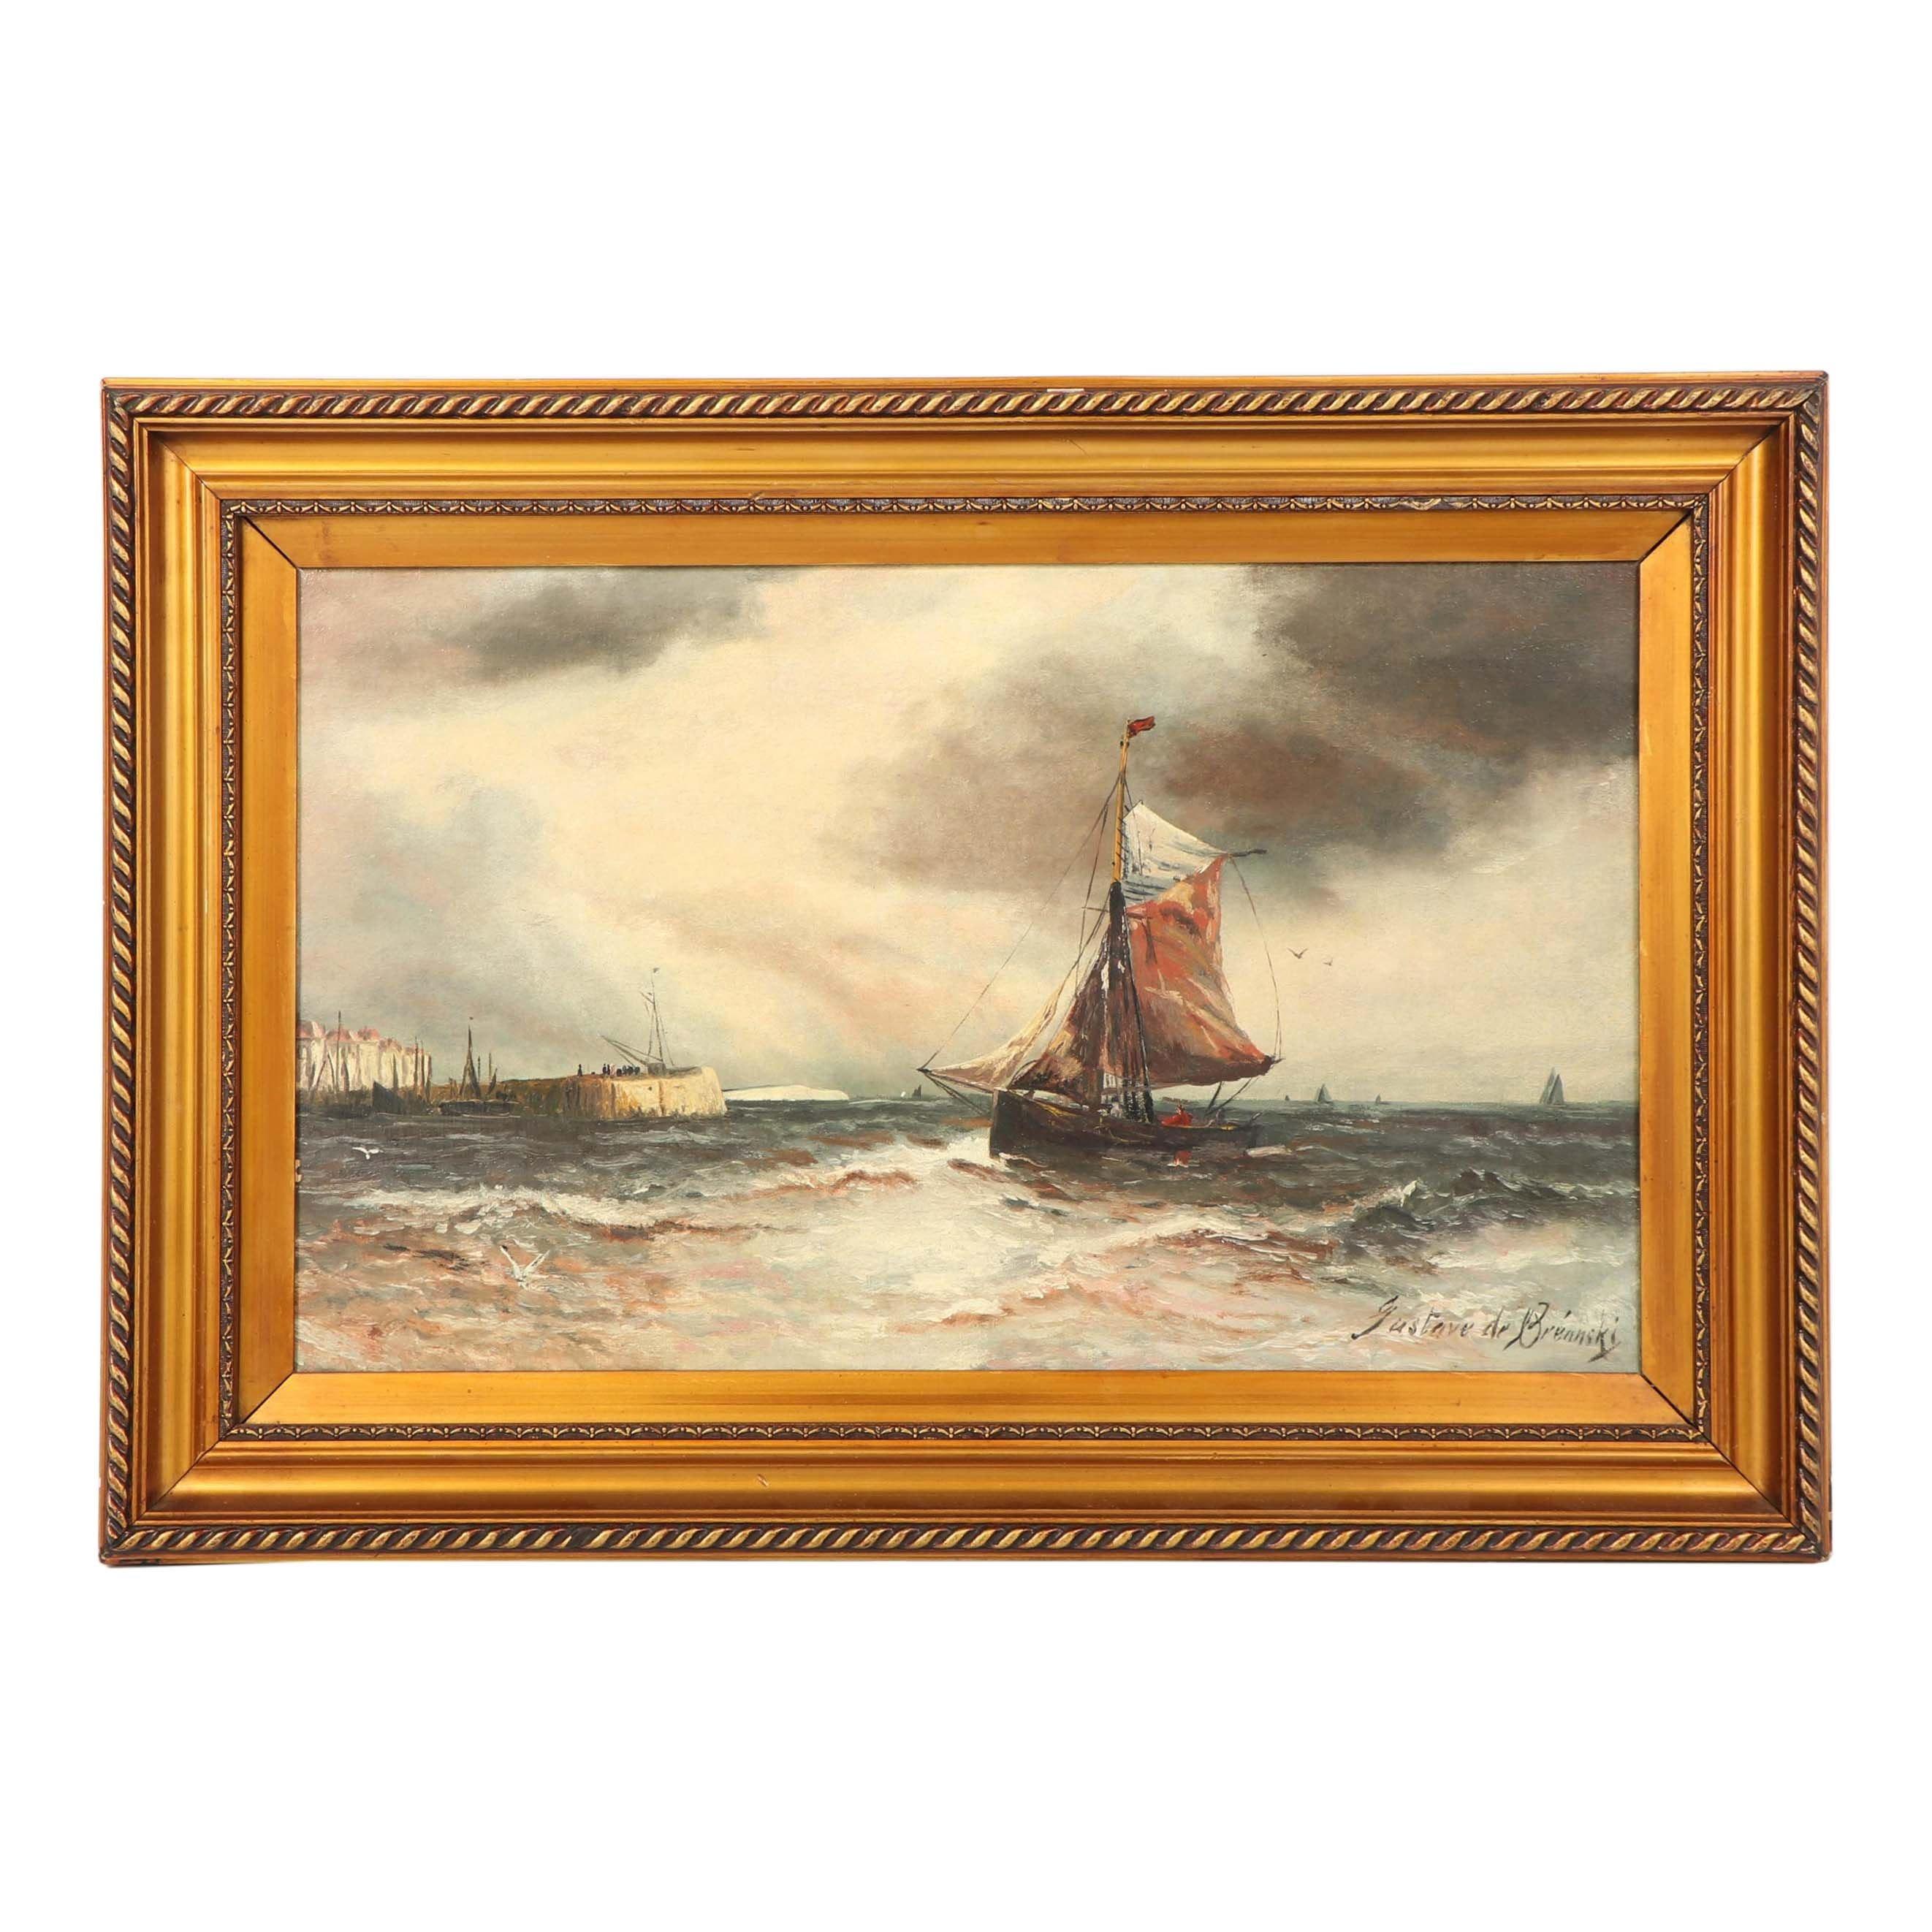 Gustave de Breanski Oil Painting